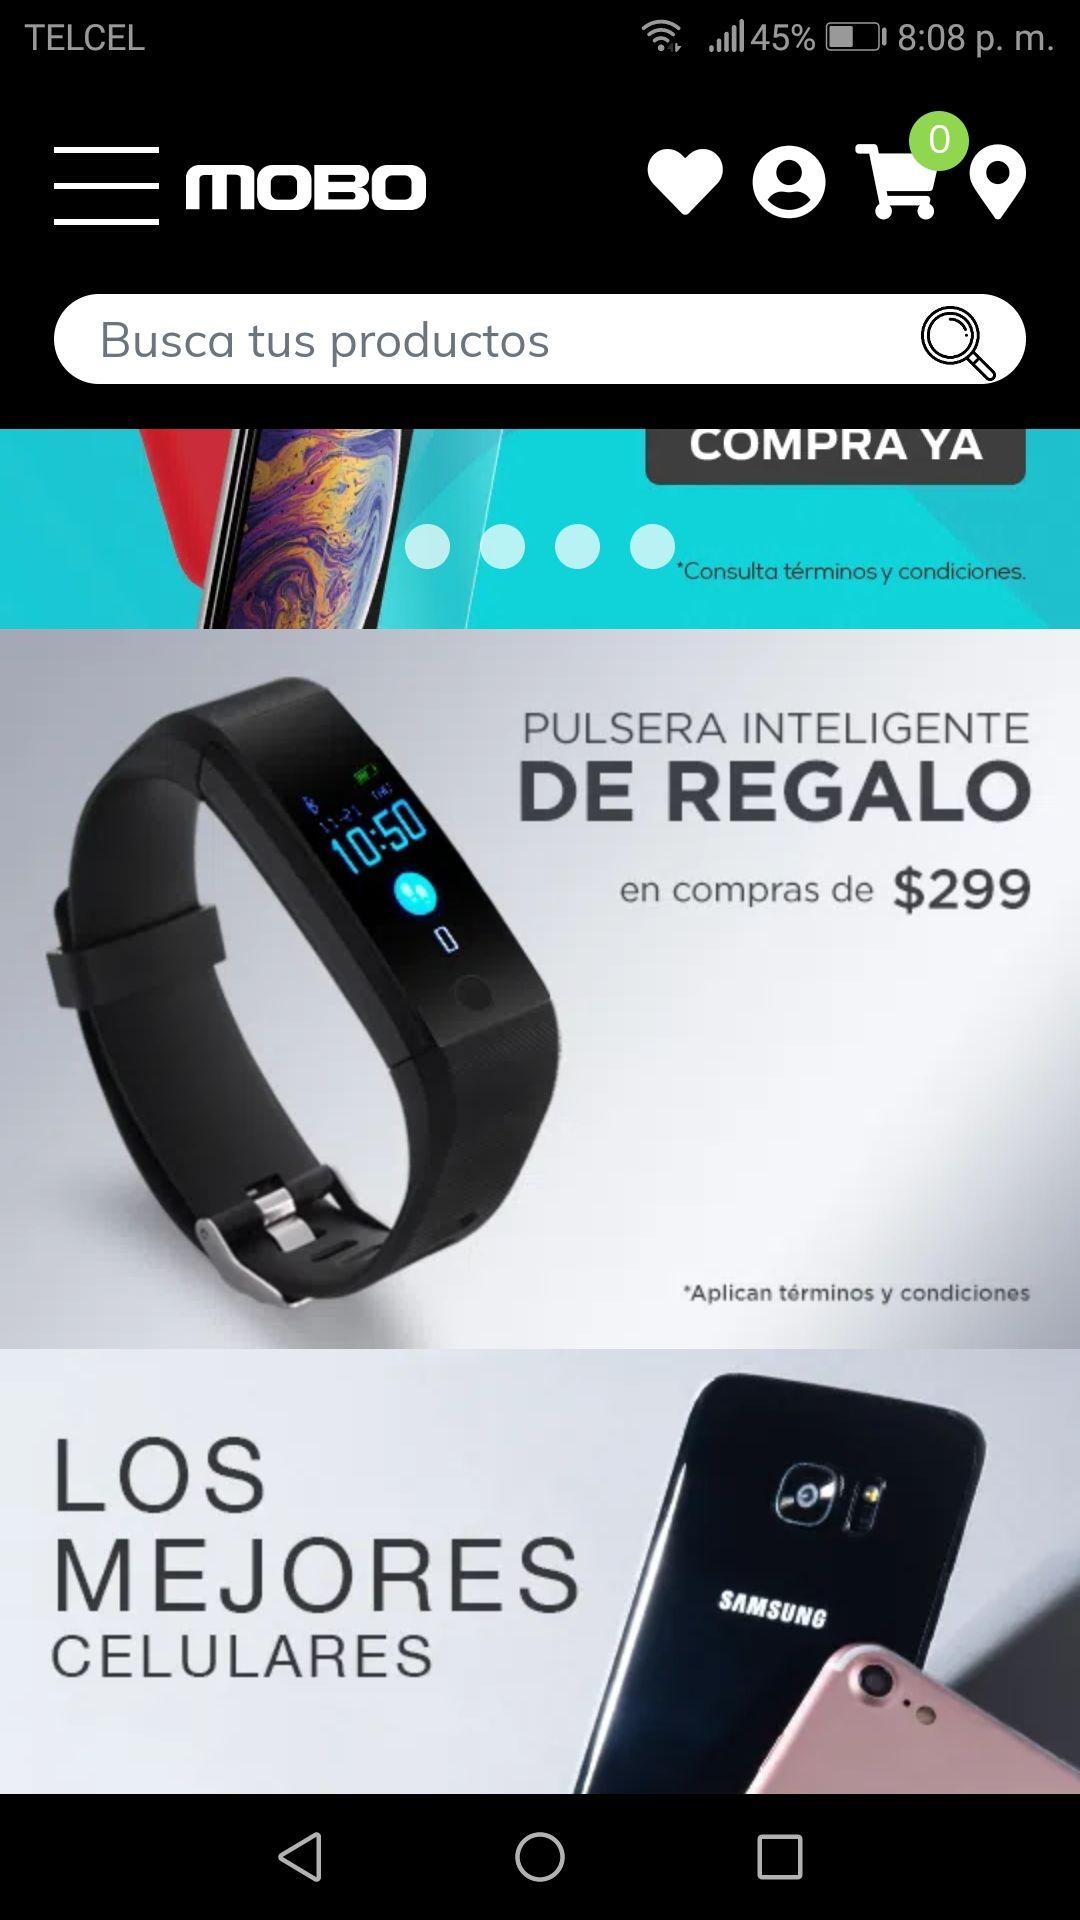 Mobo: De regalo pulsera inteligente y envío gratis en compras mayores de $299